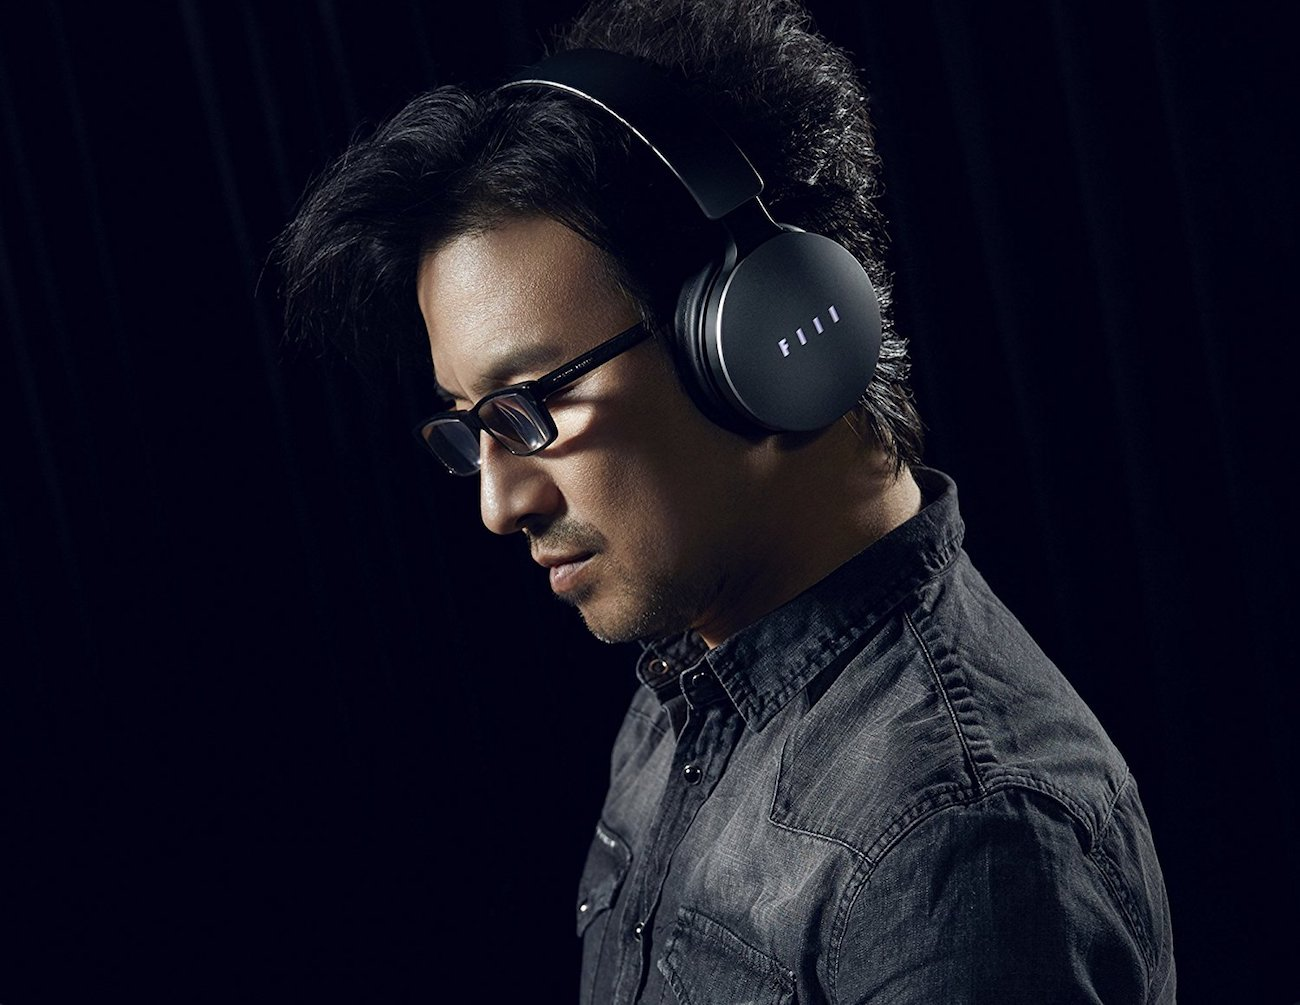 FIIL IICON Long-Range Bluetooth Headphones